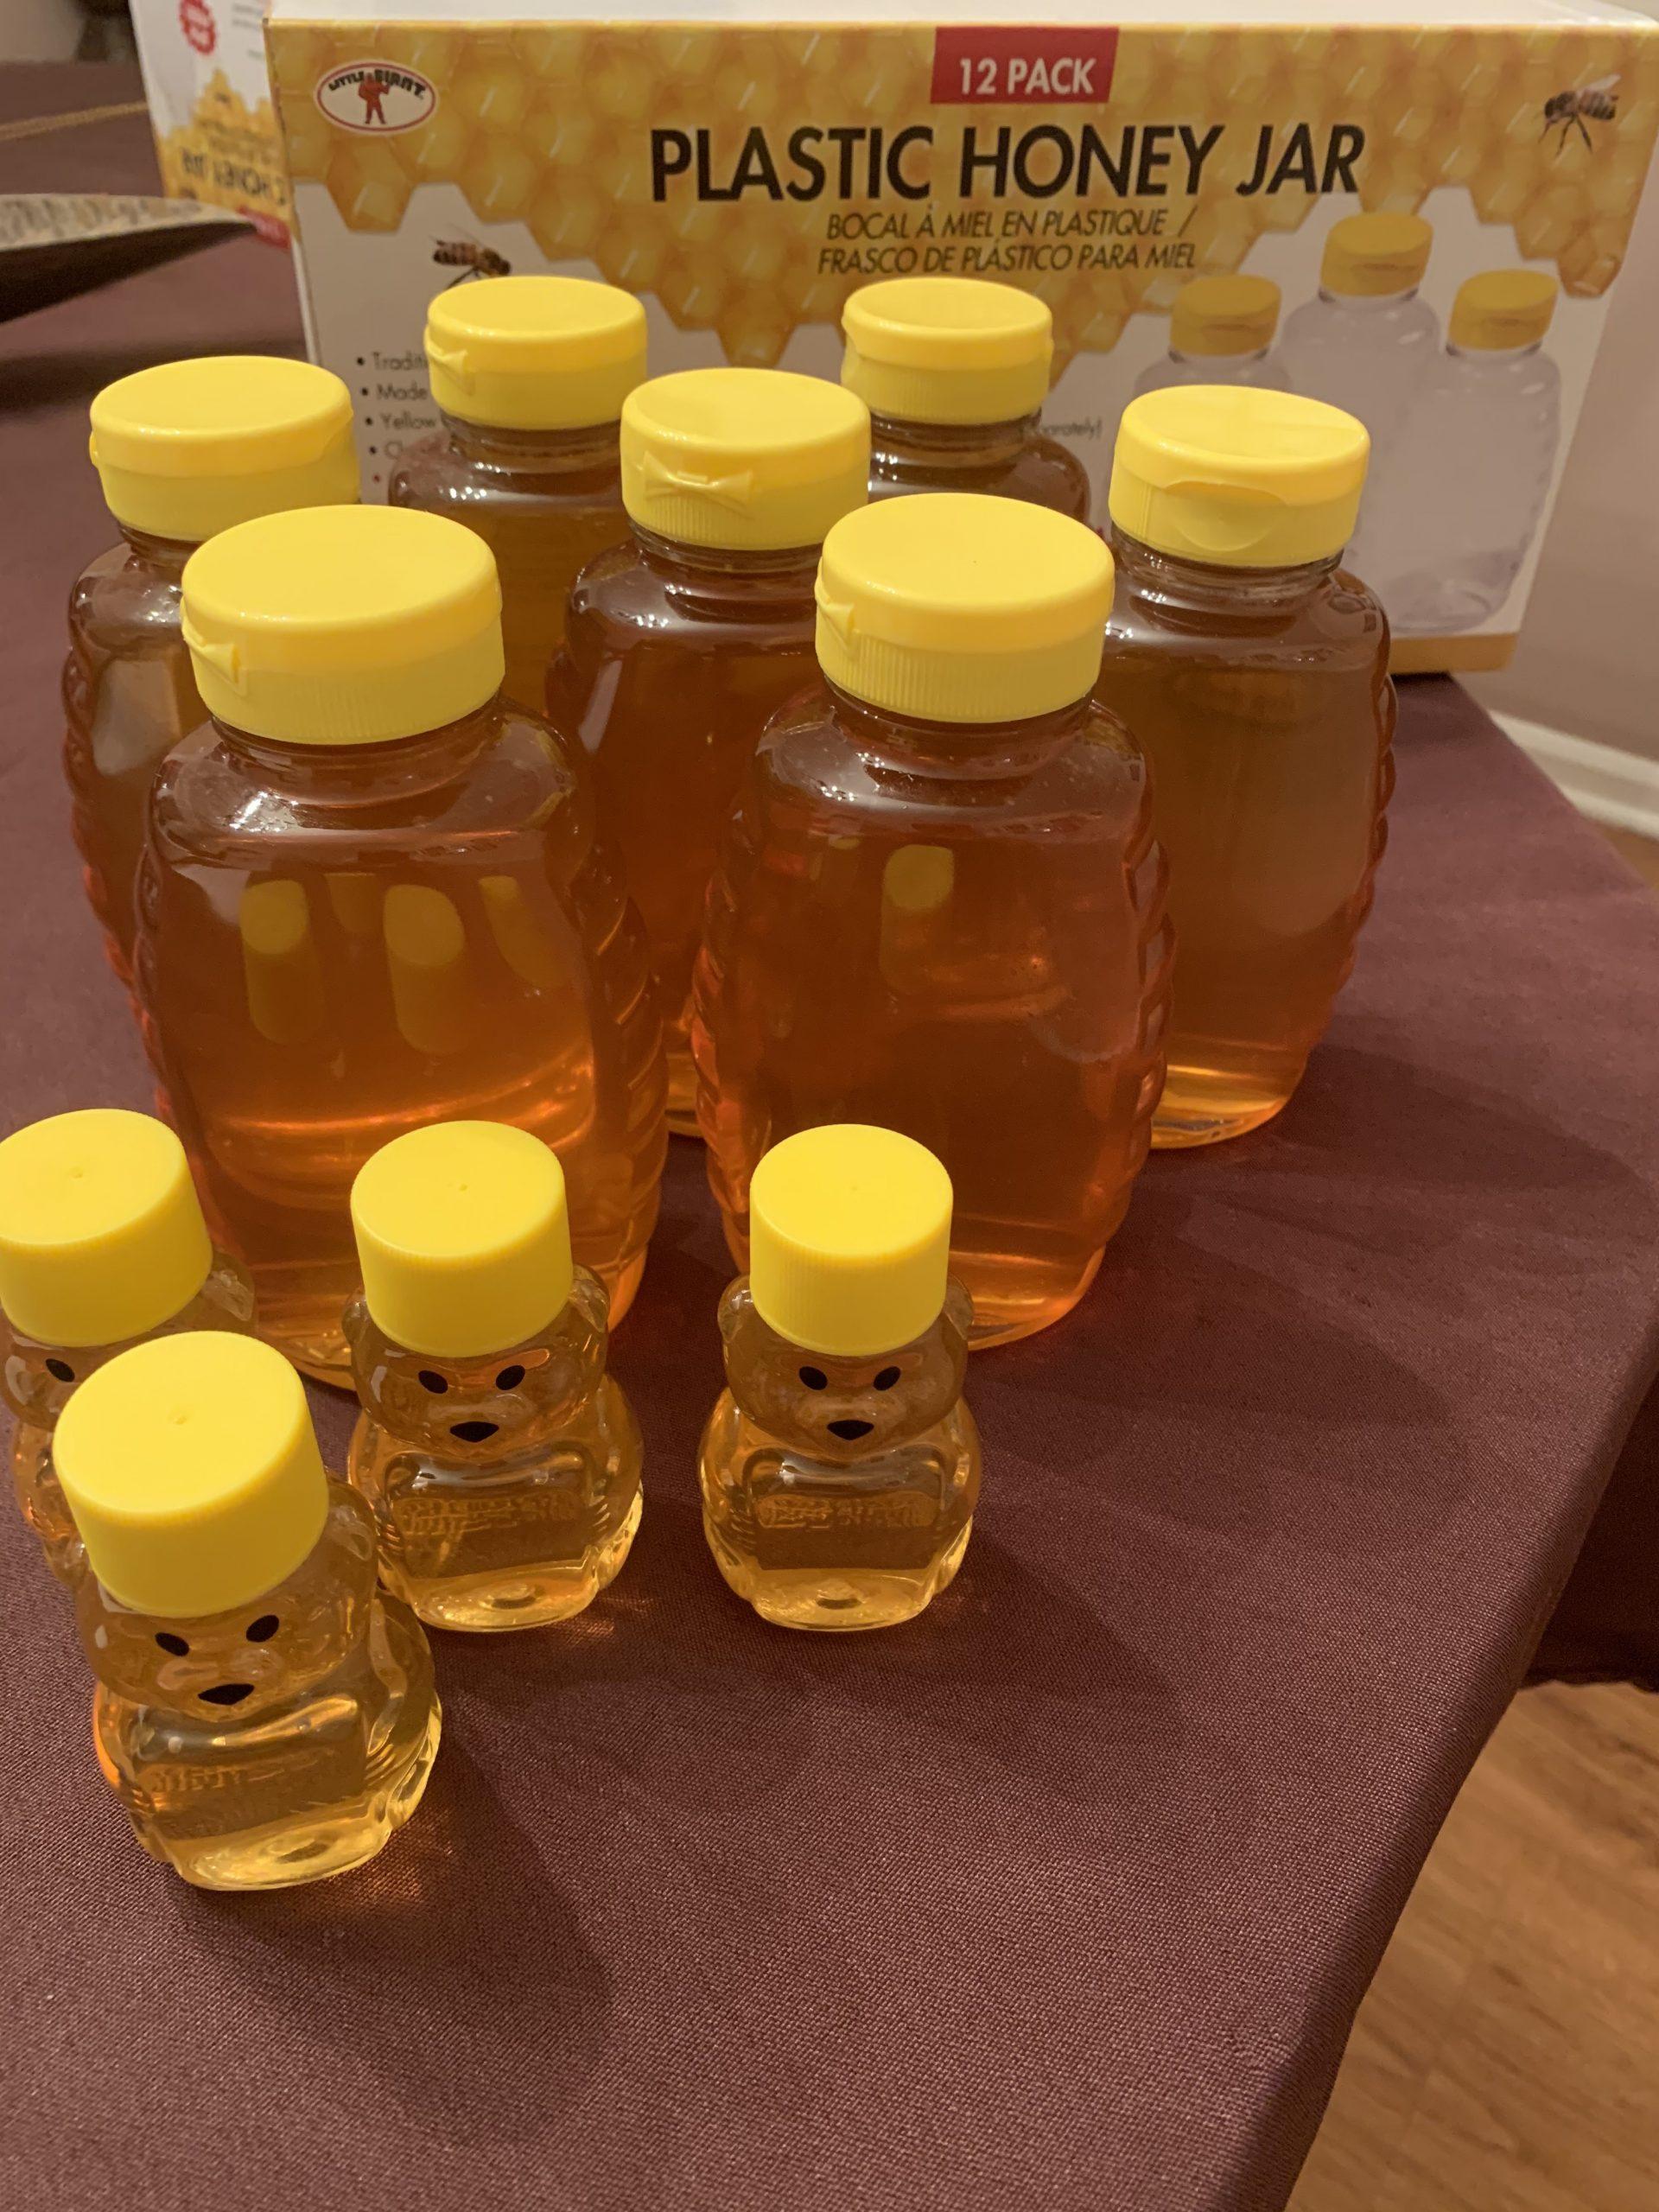 Honey bottles on a table